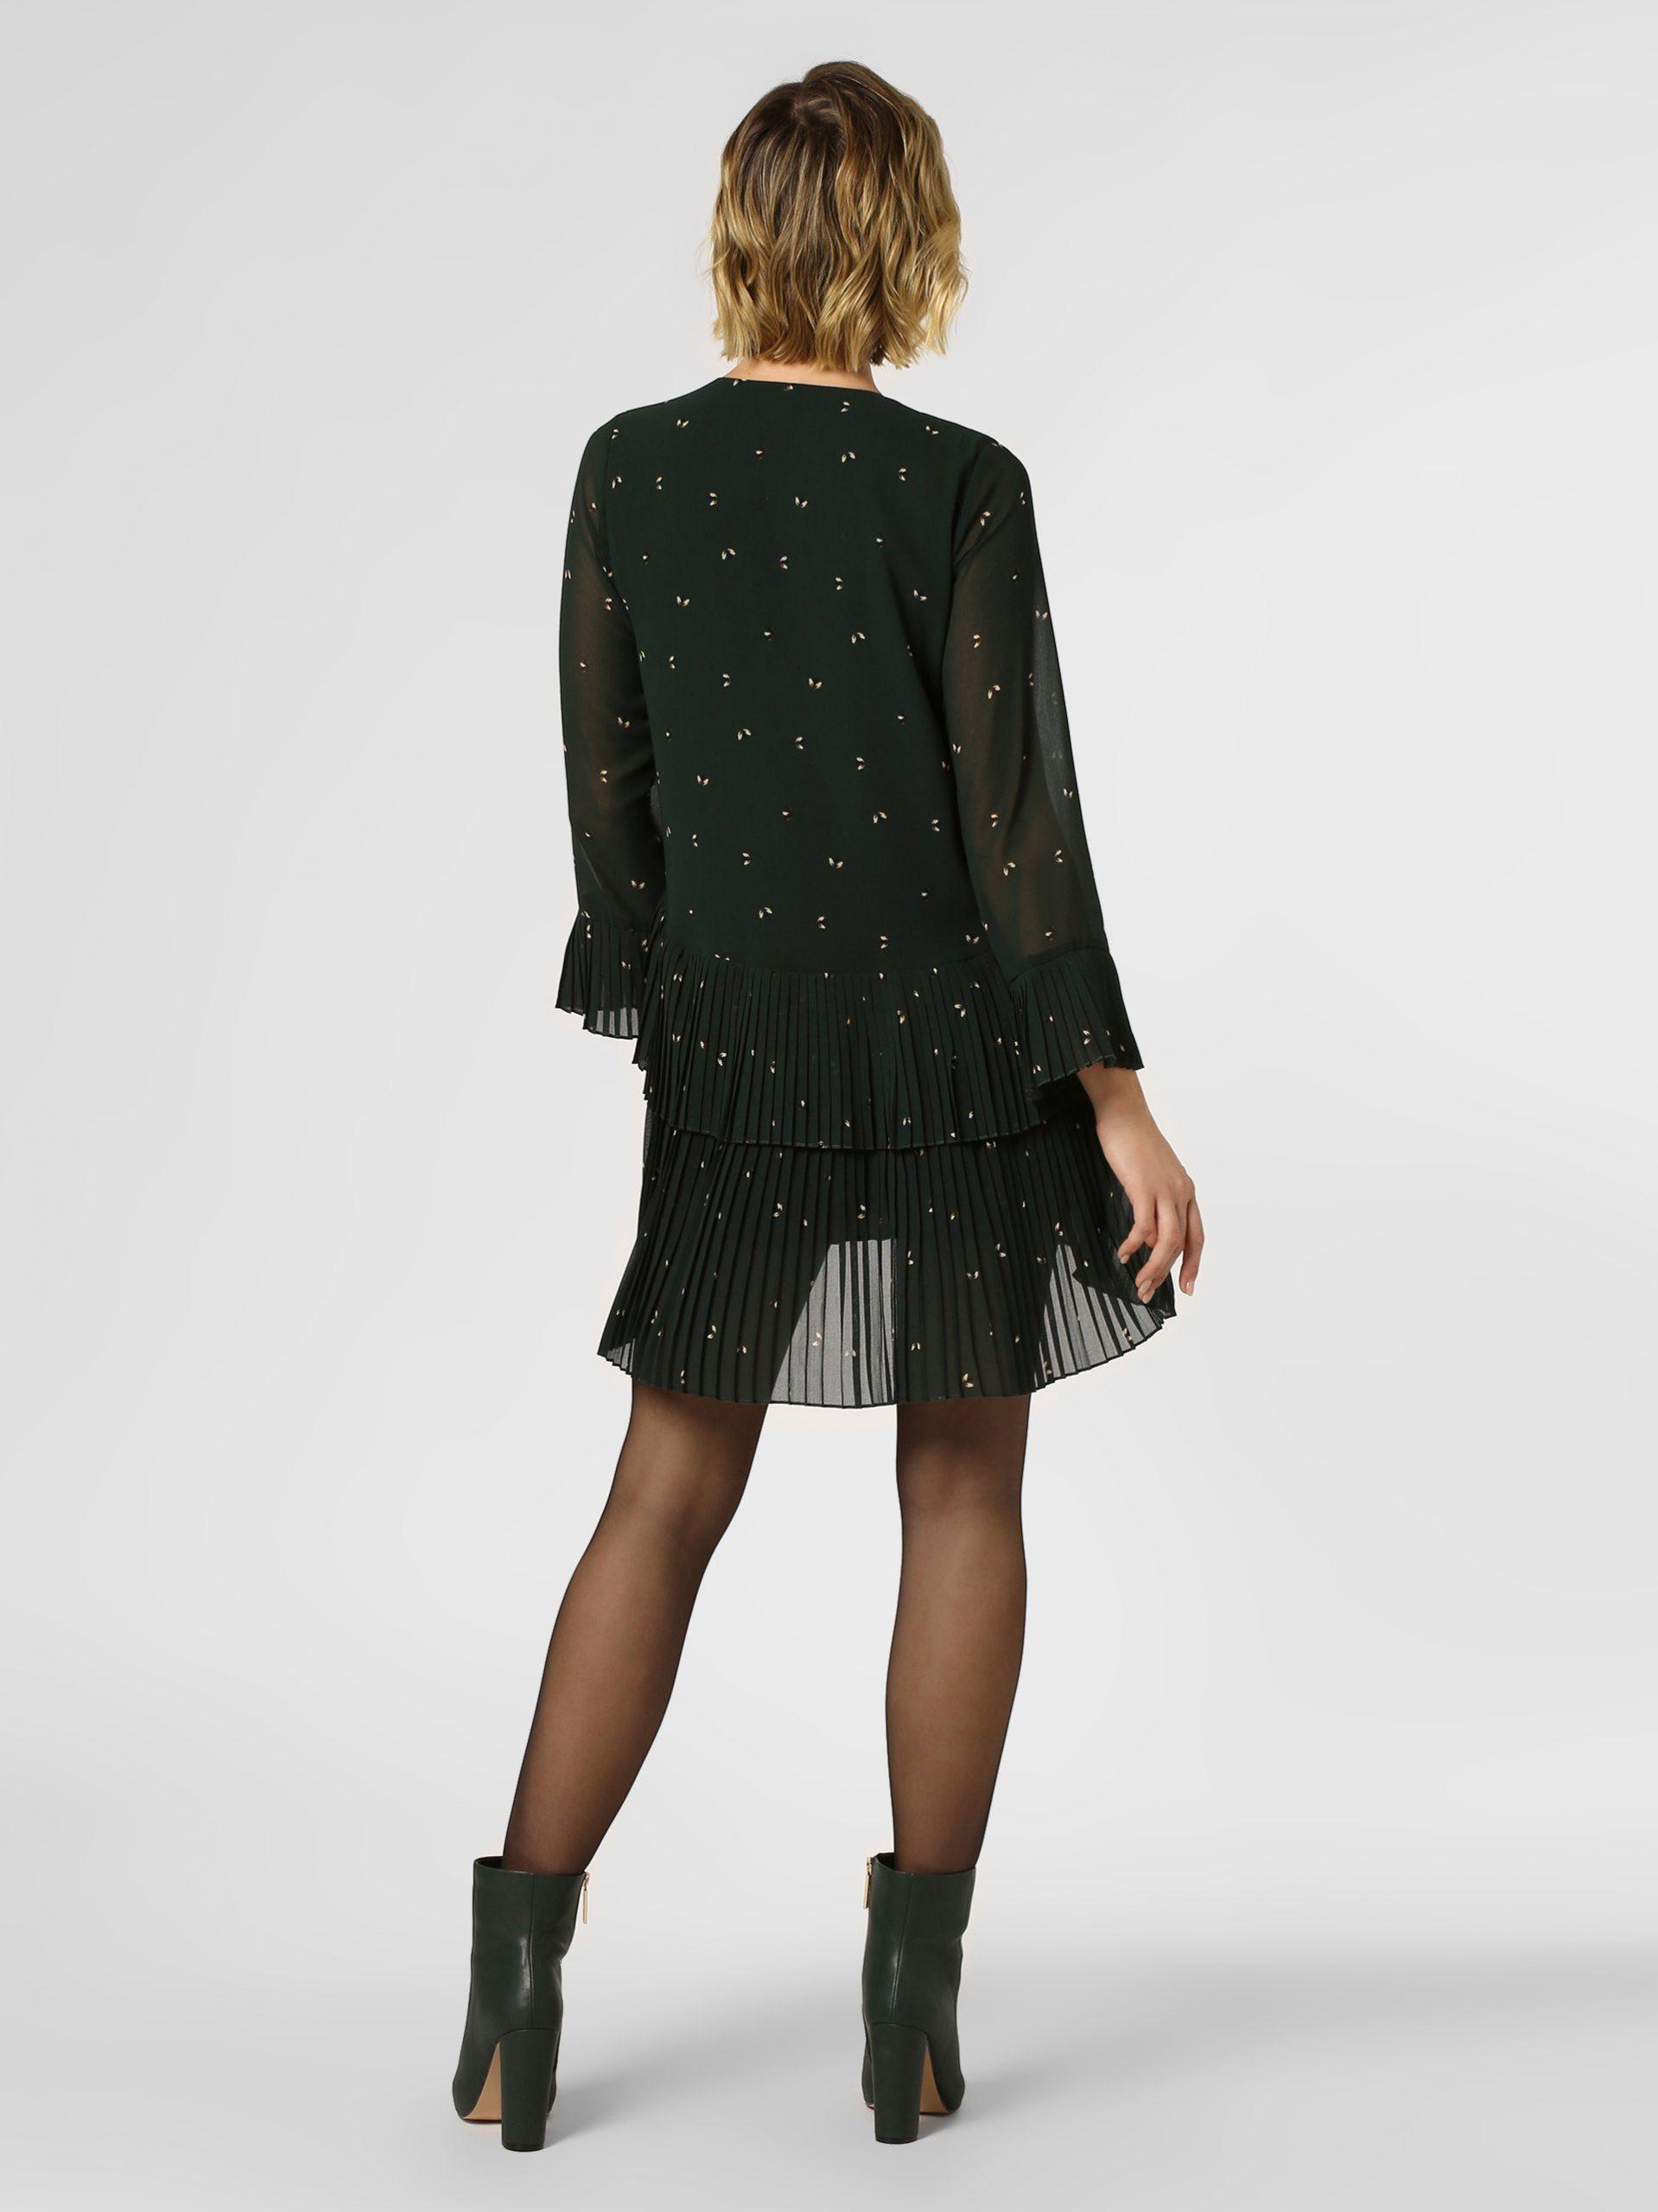 Pepe Jeans Damen Kleid  Prisci Online Kaufen  Vangraaf